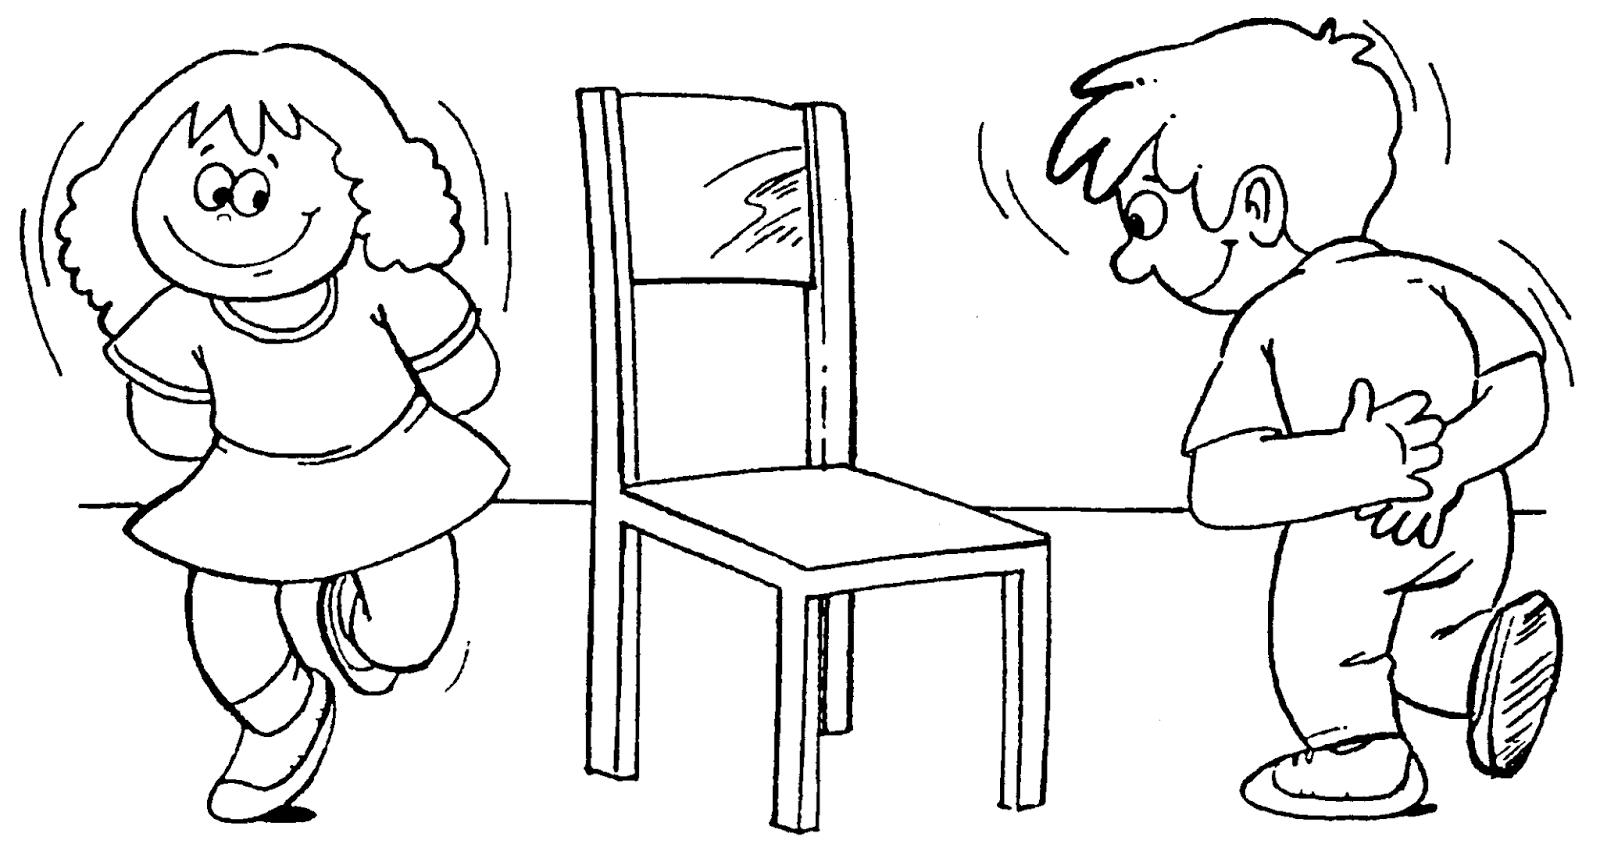 imagens para colorir crian as brincando de pega pega